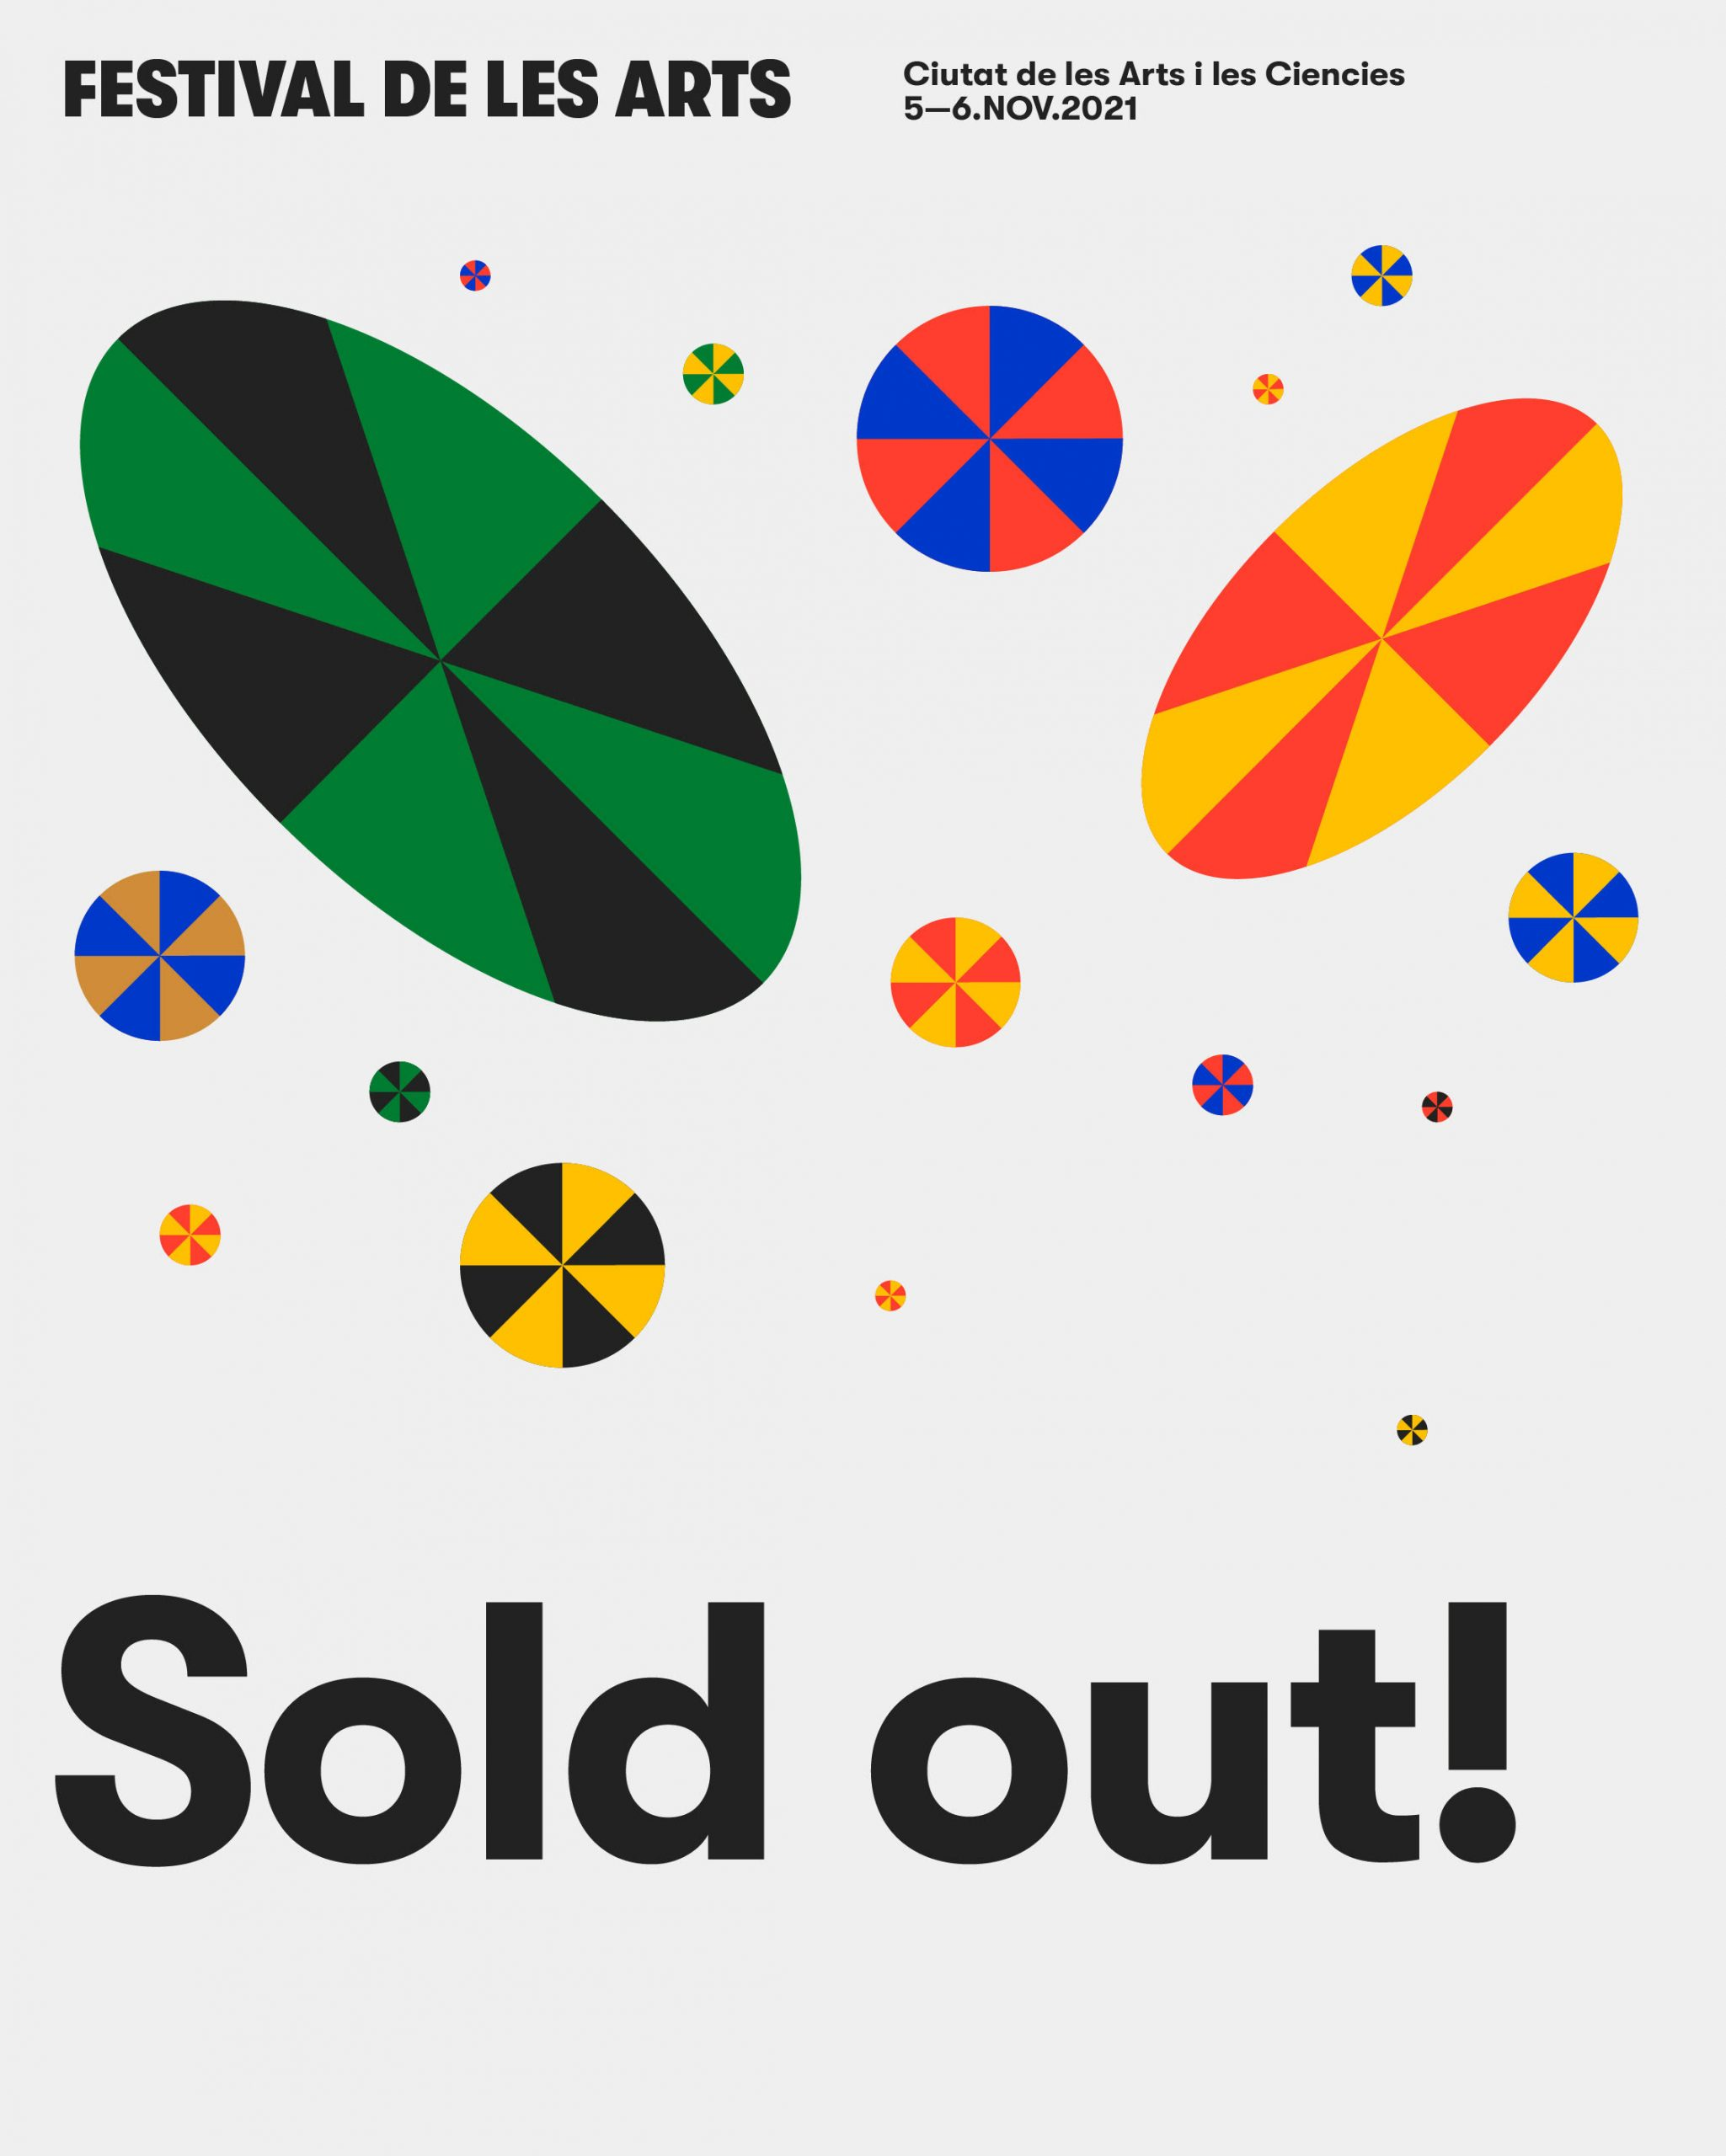 Sold out Festival de les Arts